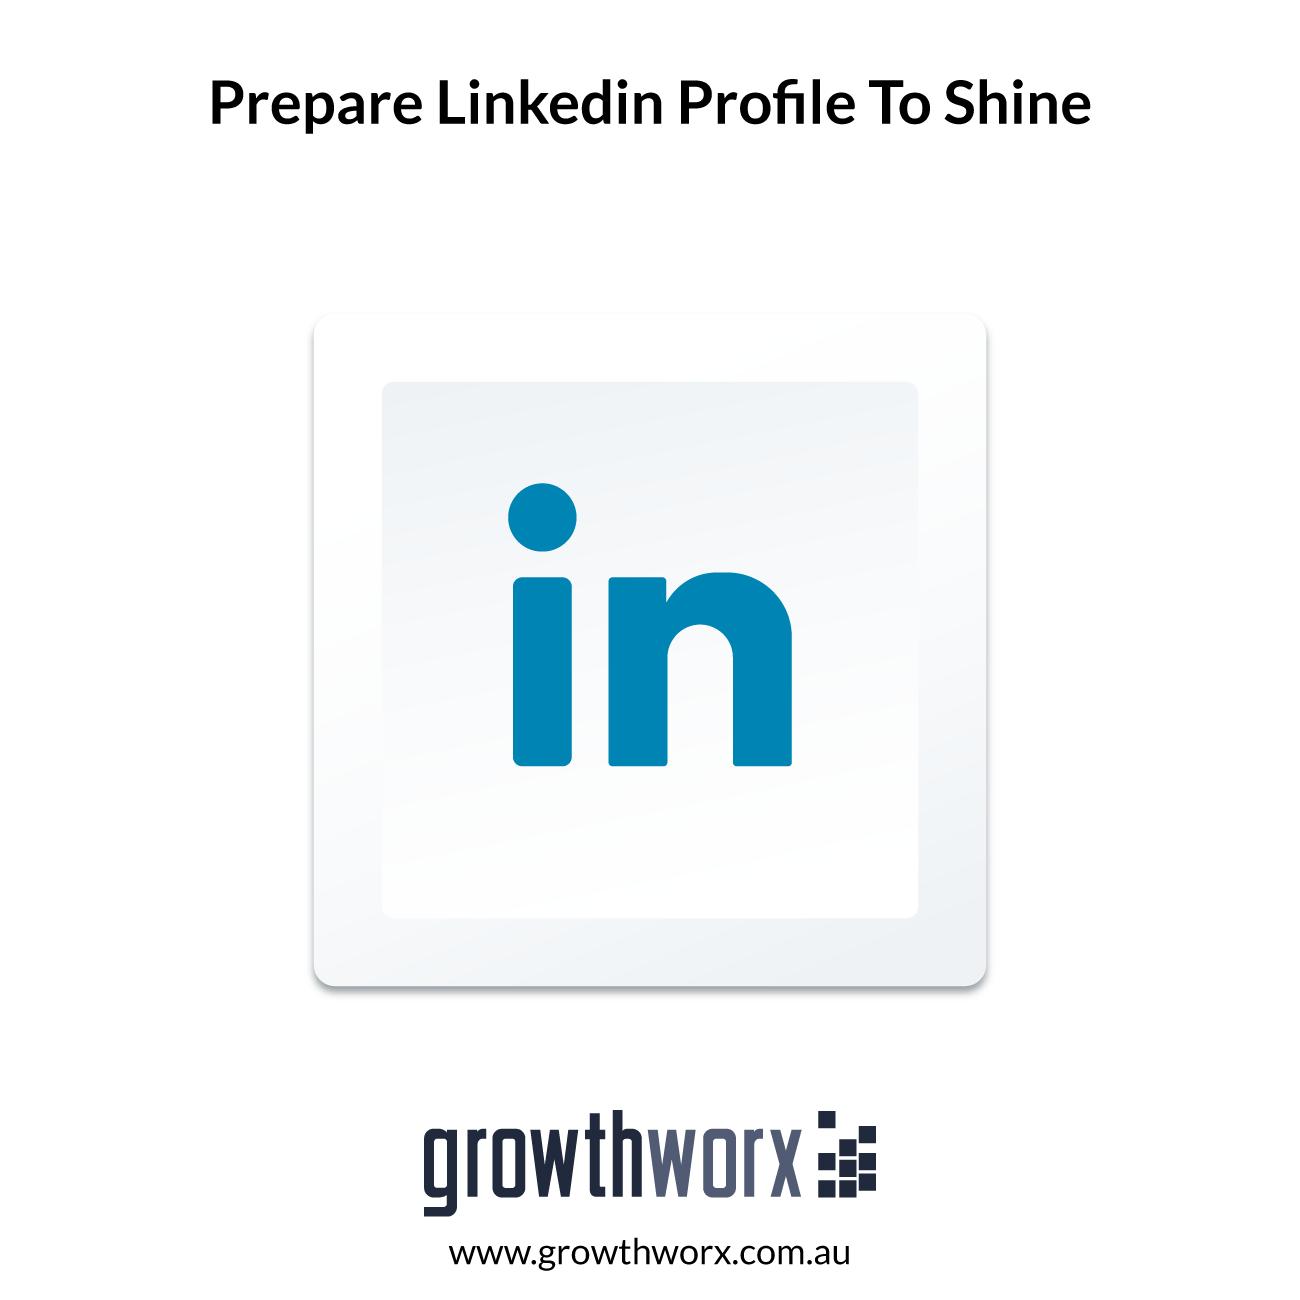 I will prepare your linkedin profile to shine 1